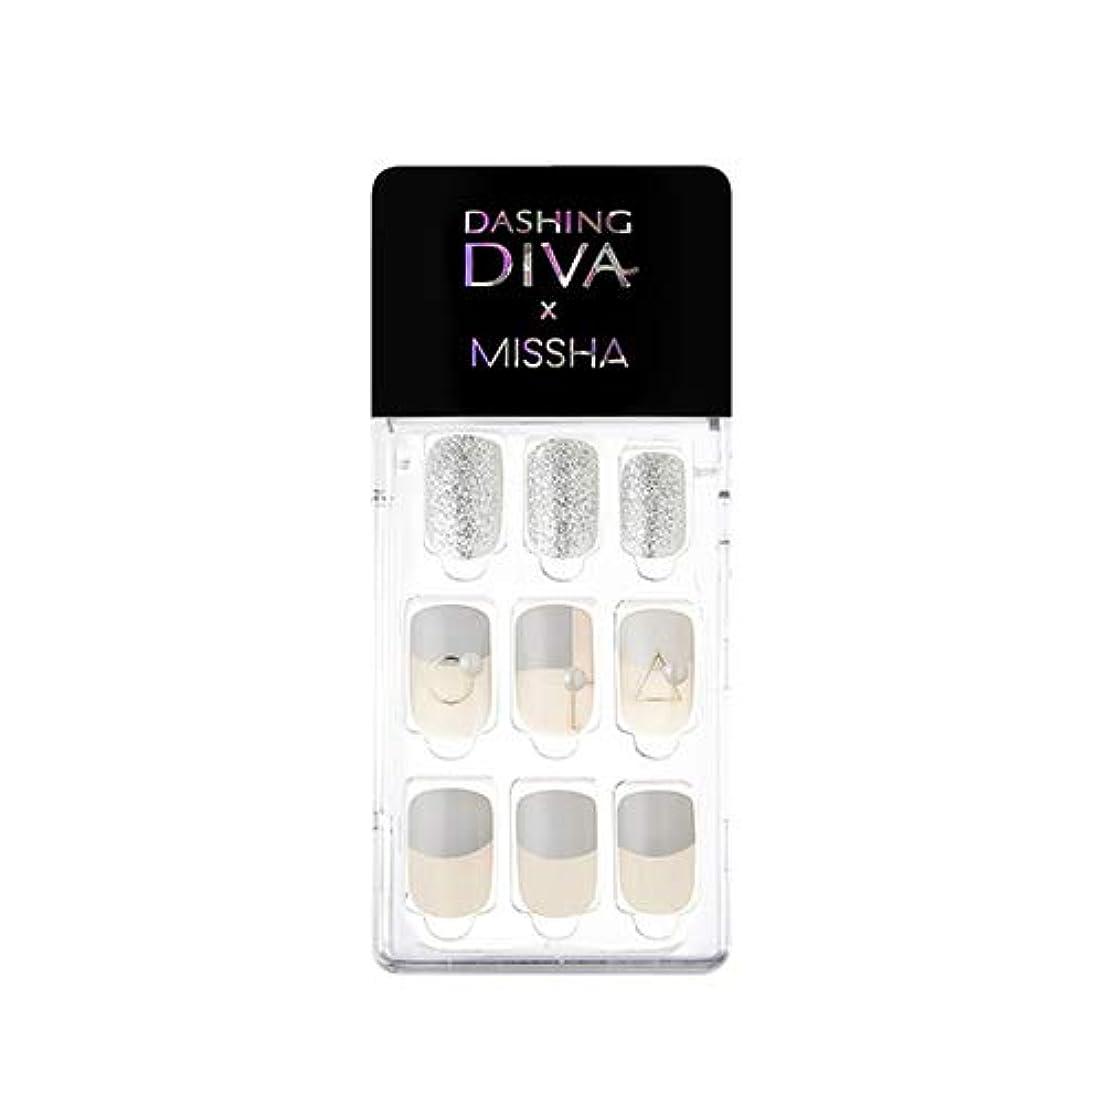 規定乱れ作るミシャ ダッシングディバ マジックプレス スリム フィット MISSHA Dashing Diva Magic Press Slim Fit # MDR434